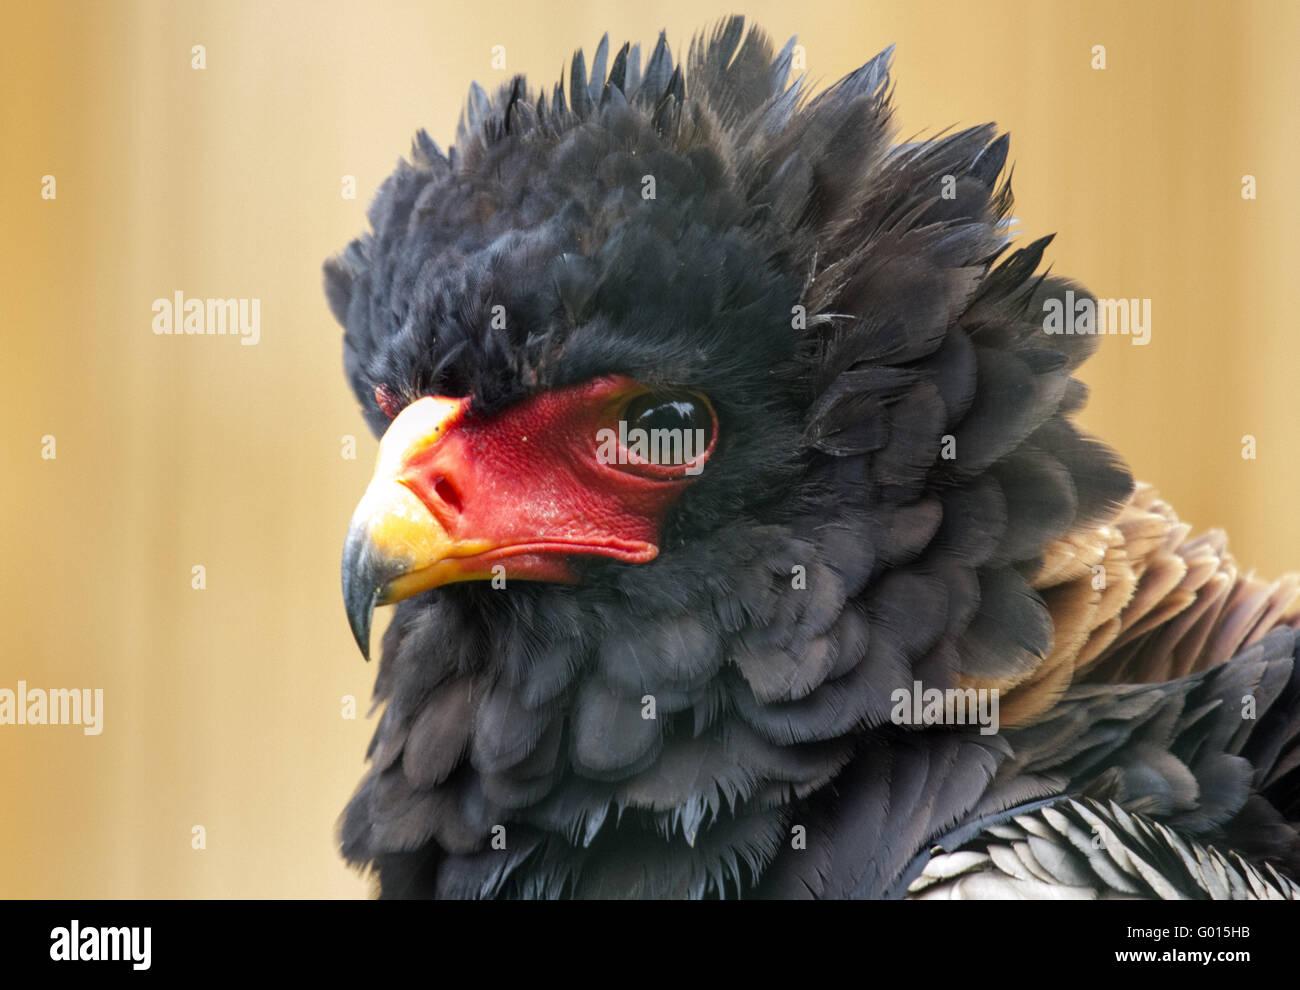 Snake Eagles - Tightrope-walker - Stock Image